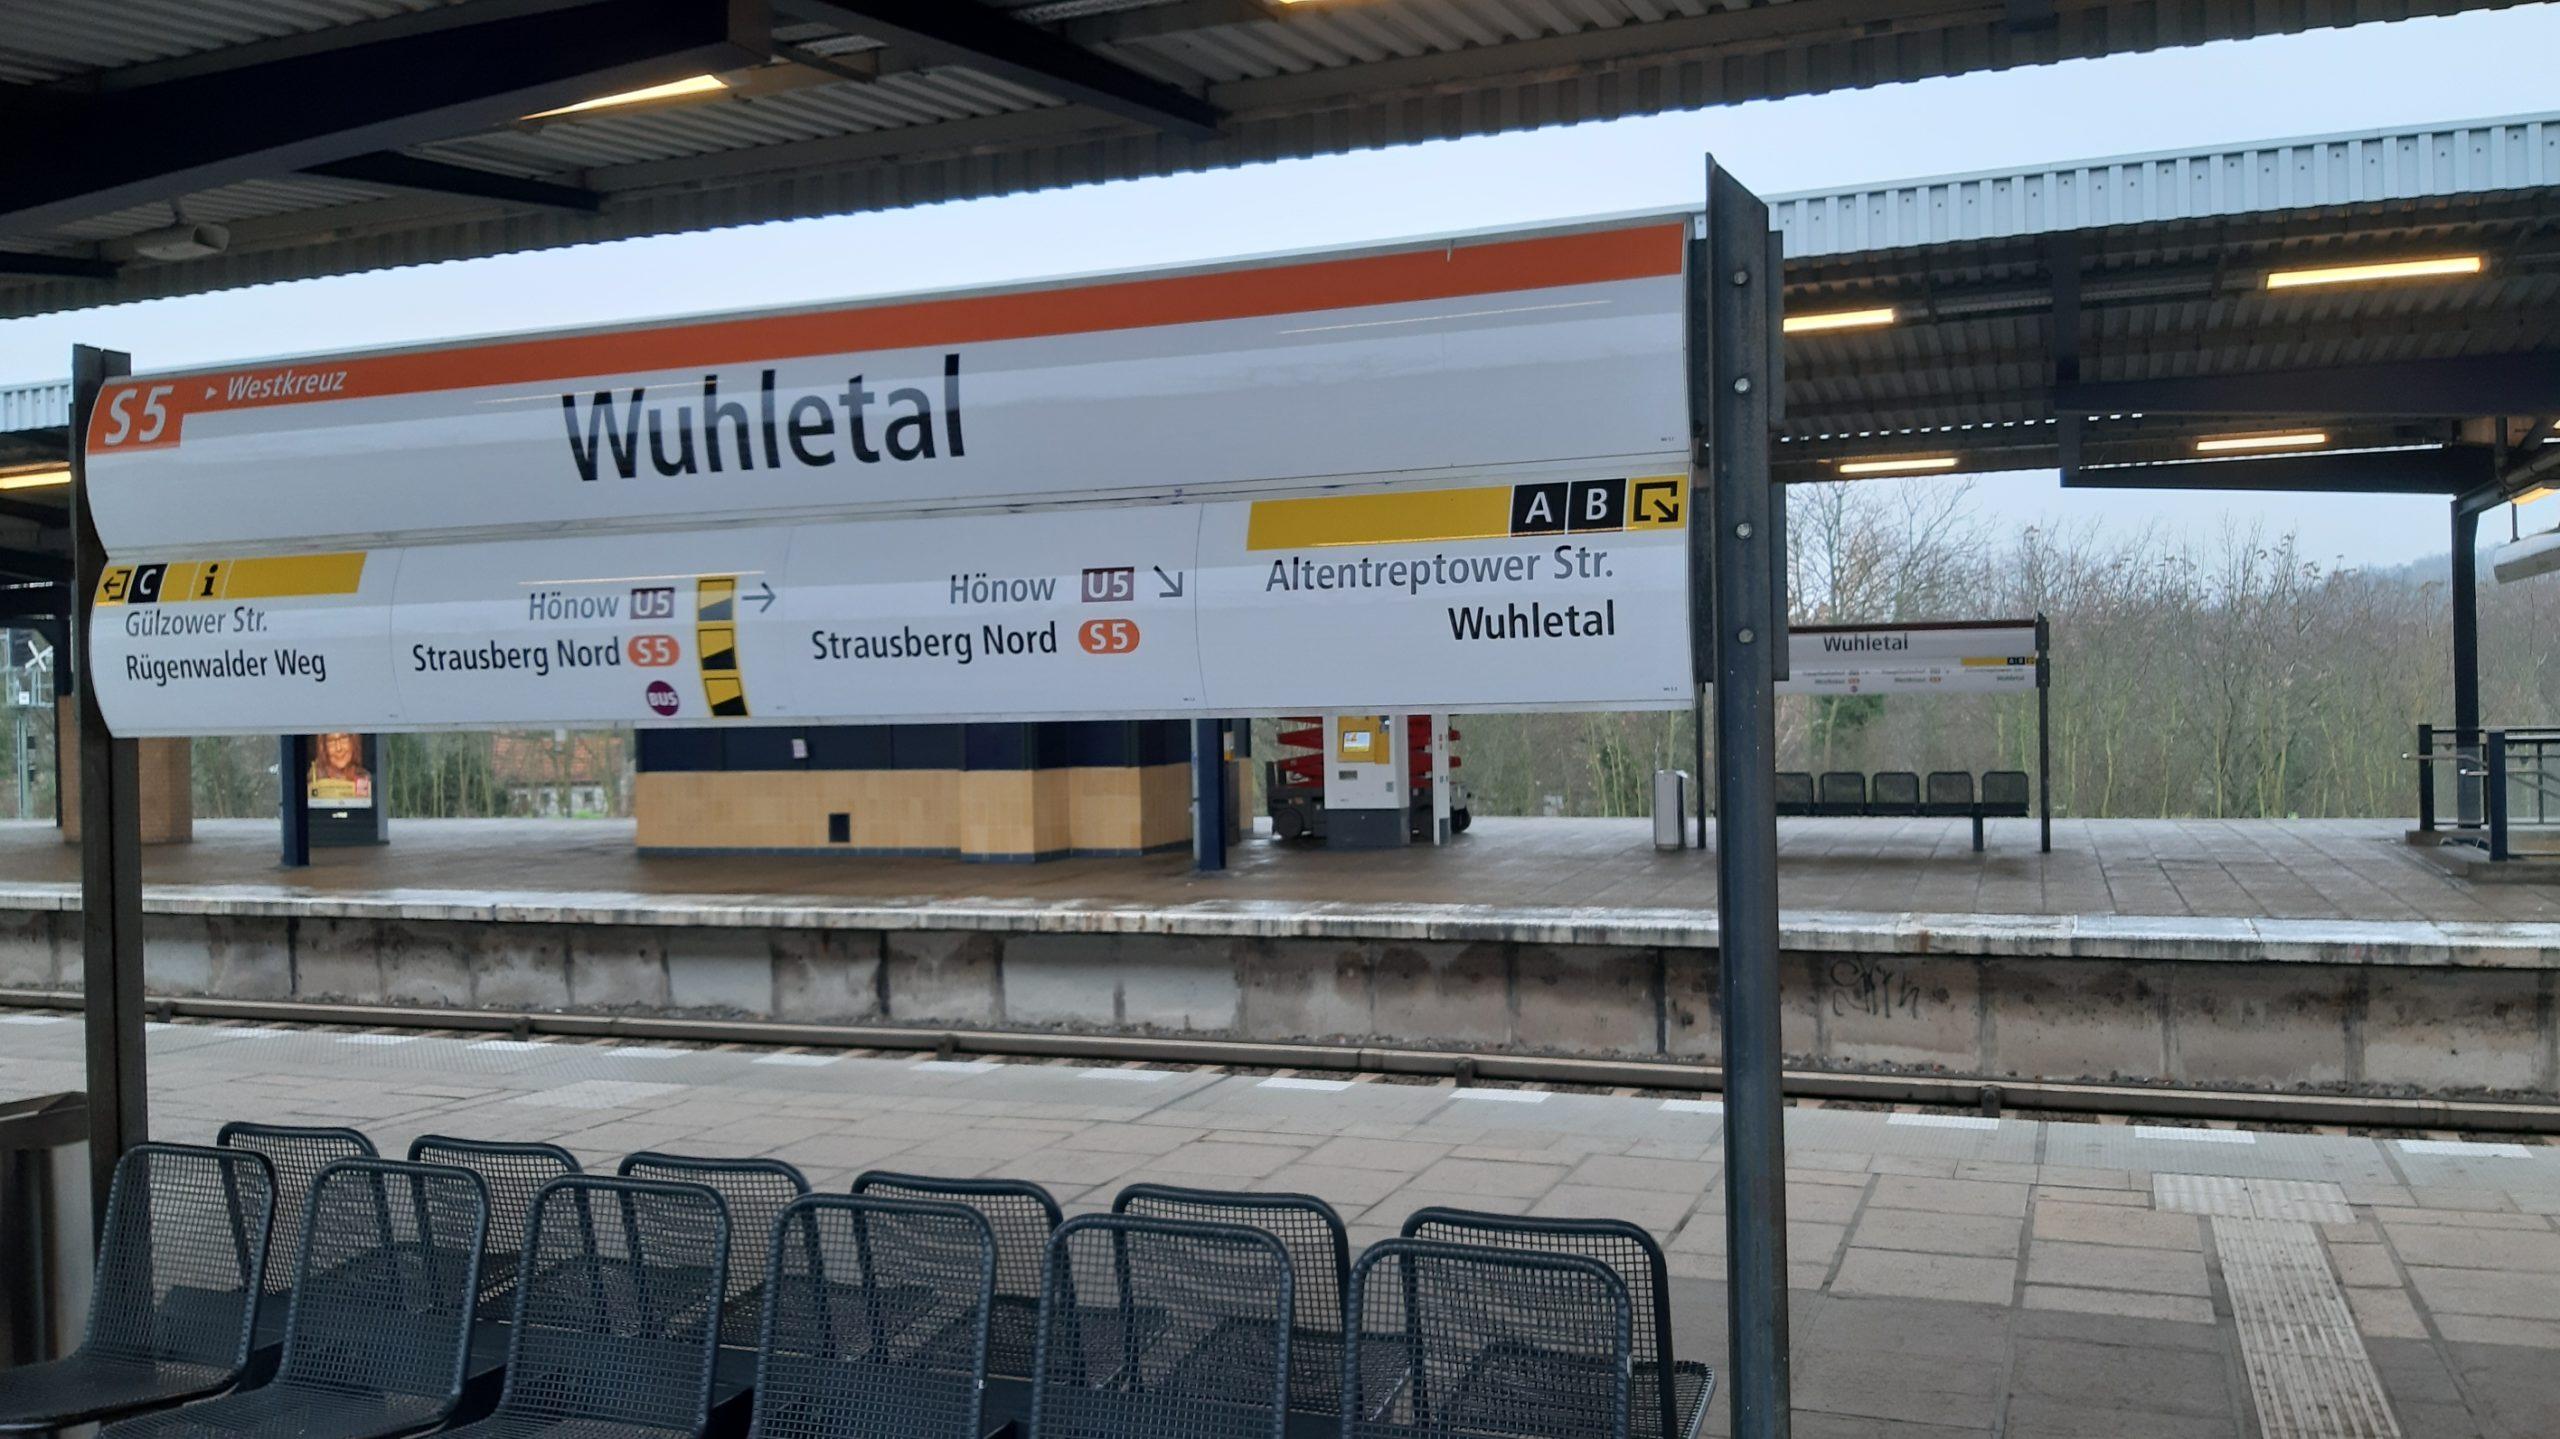 Bahnhof Wuhletal